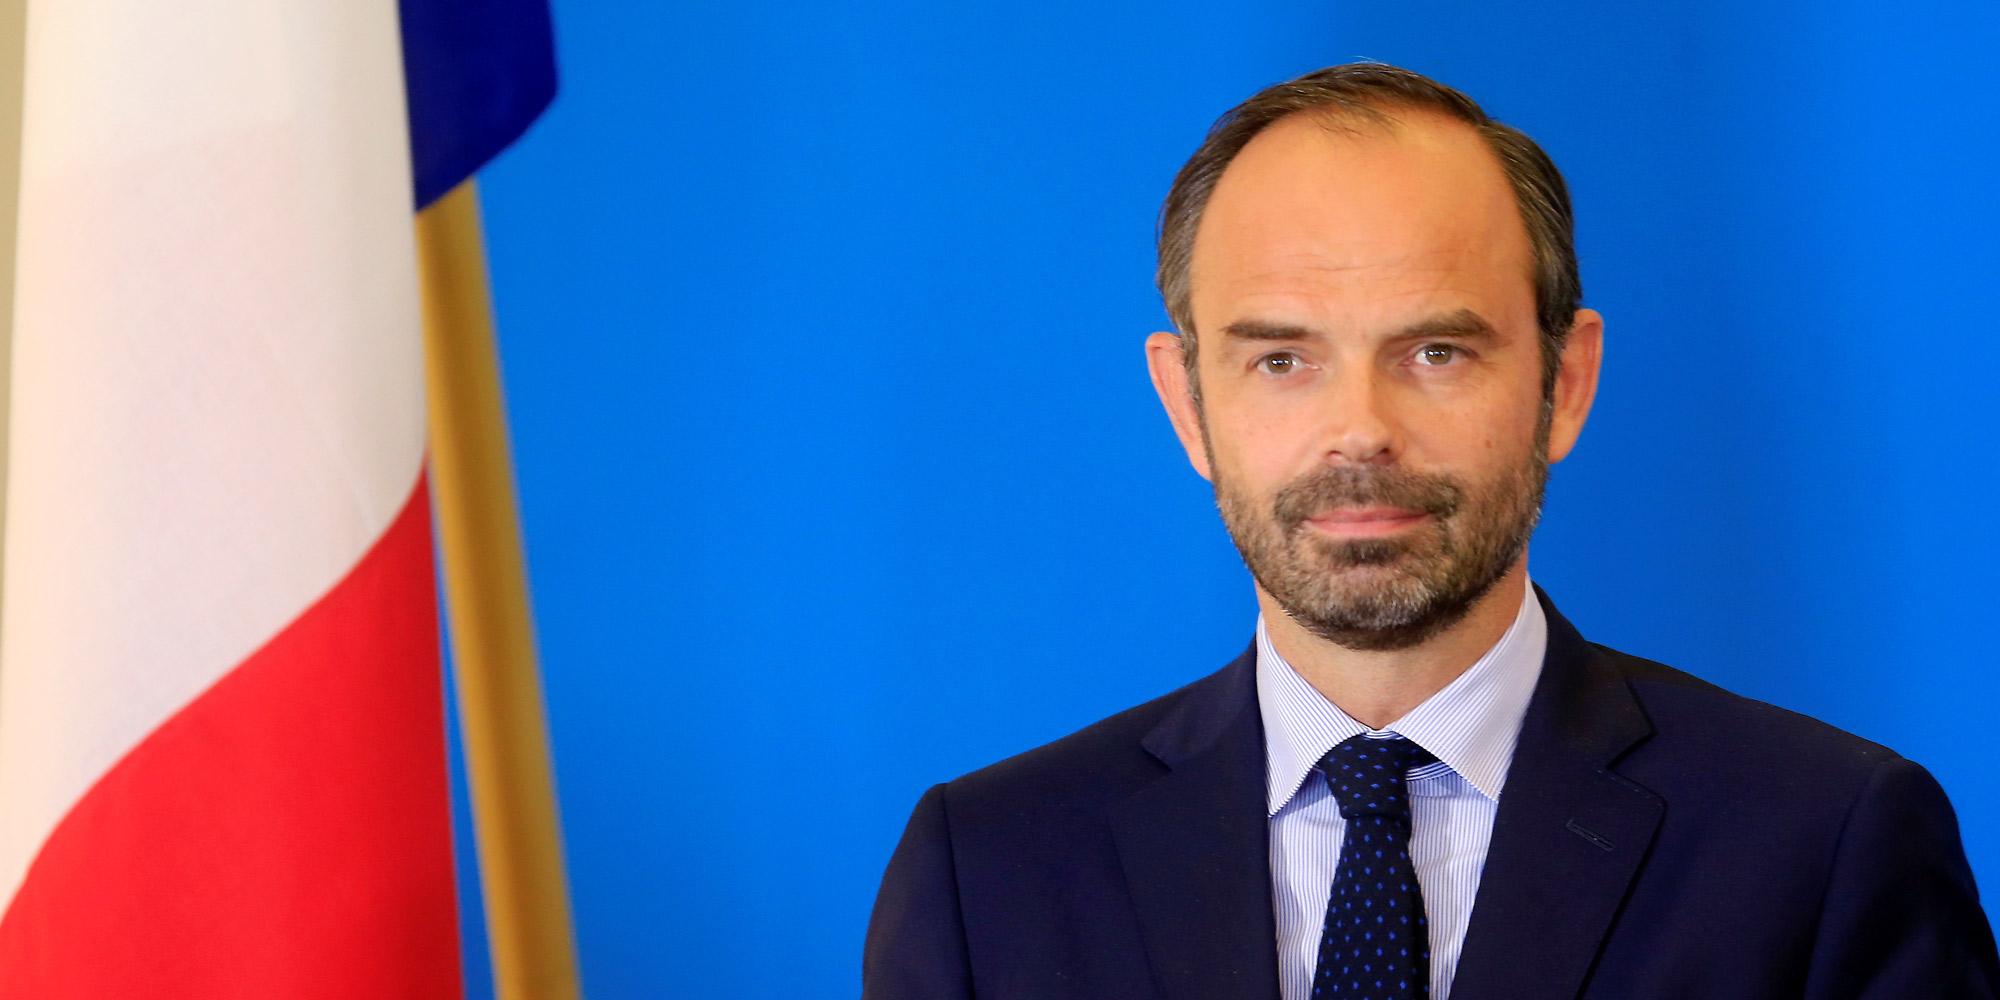 Le PM français Édouard Philippe entame sa visite officielle au Vietnam